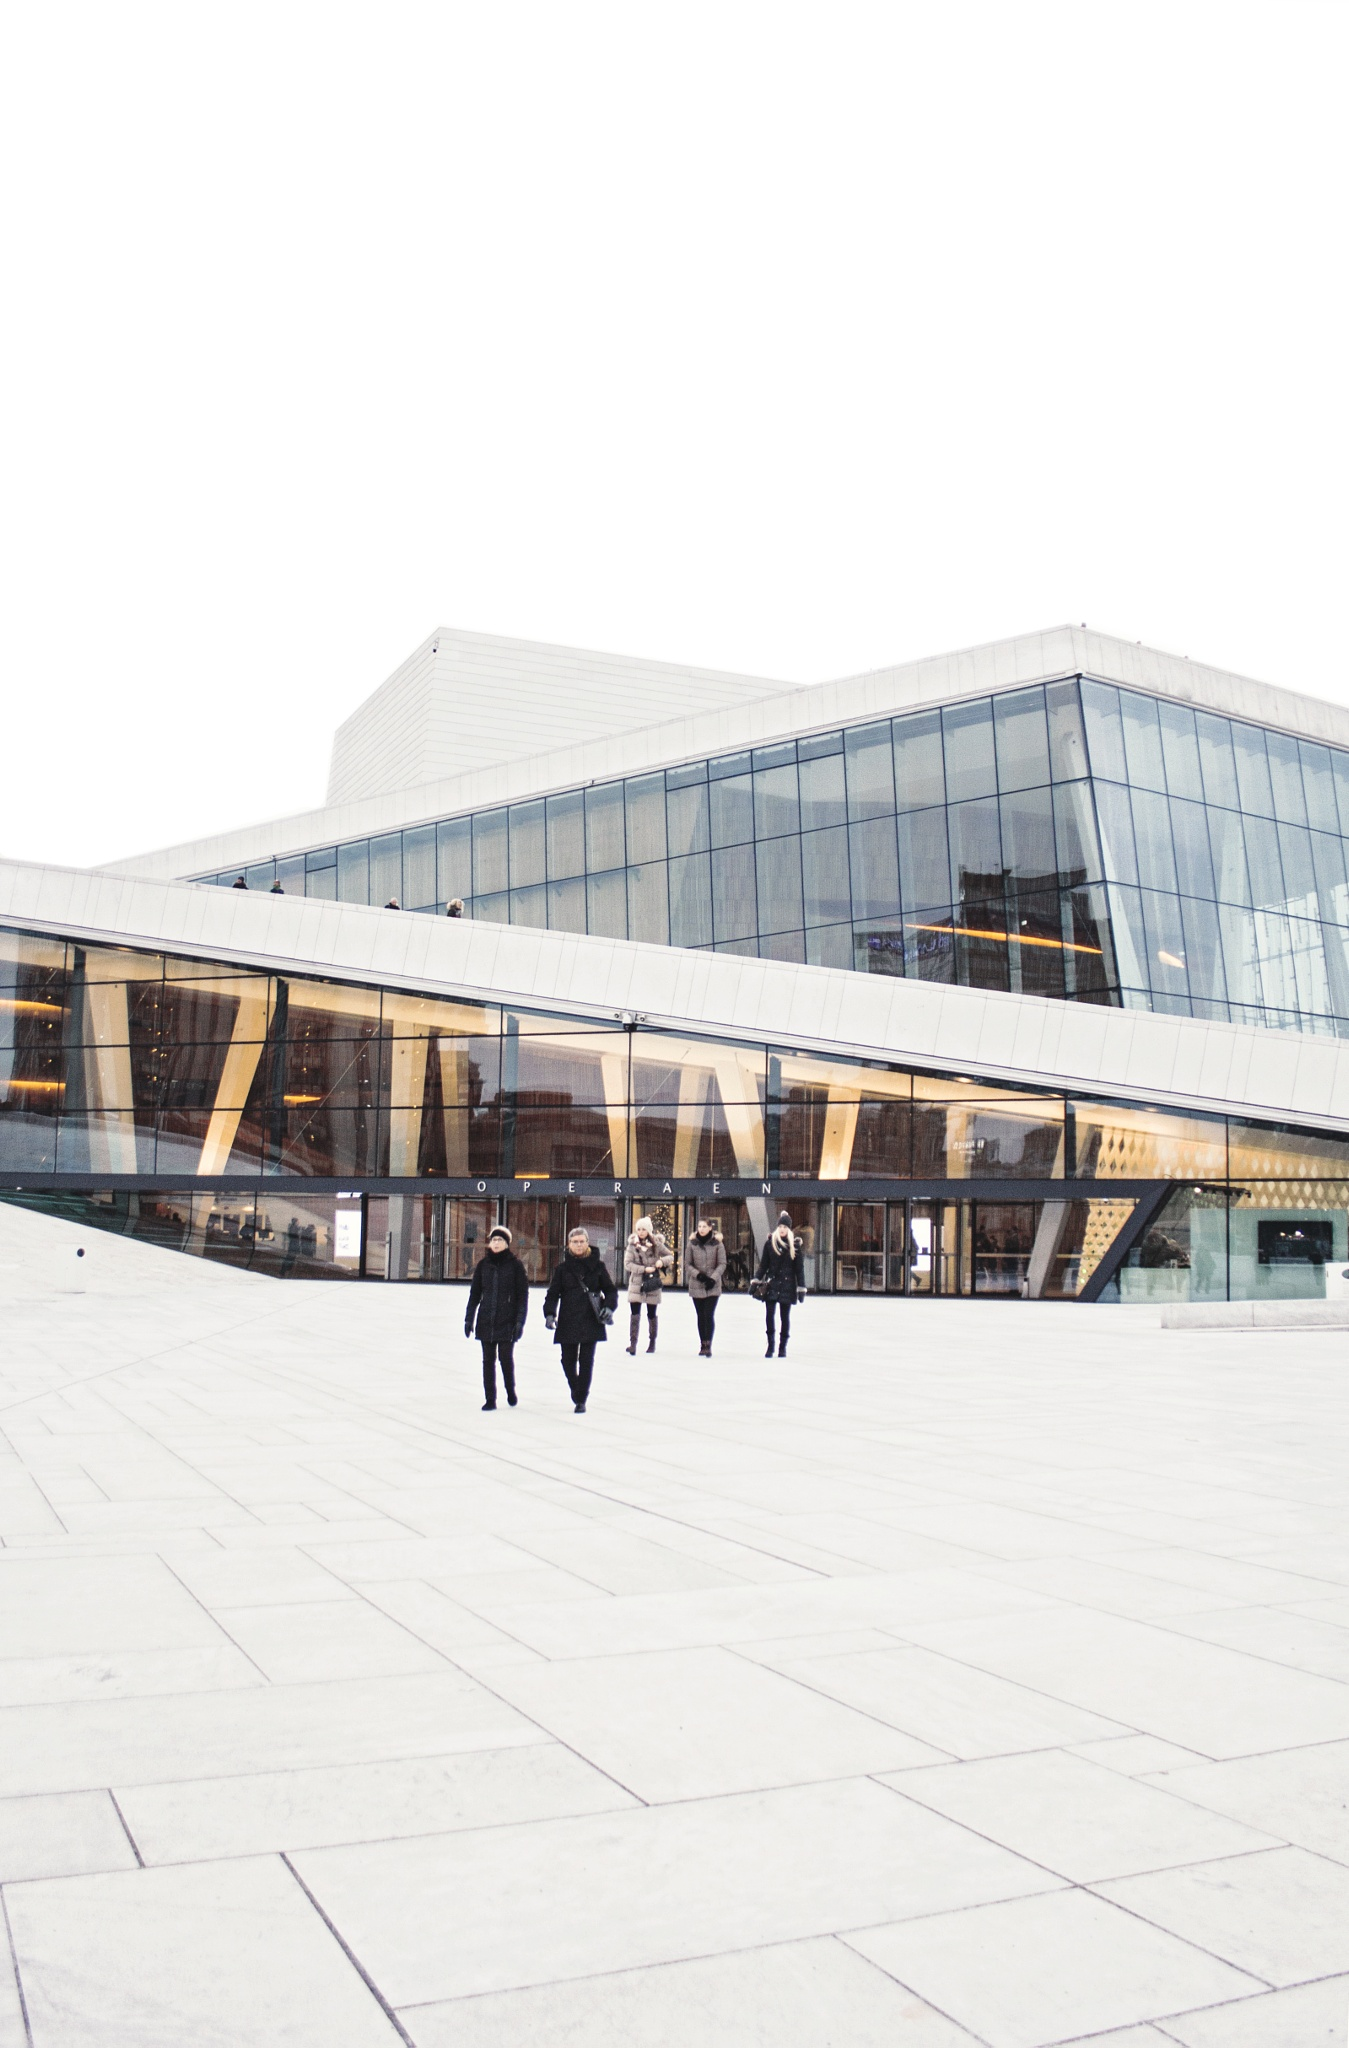 Operaen by Frida Eriksson